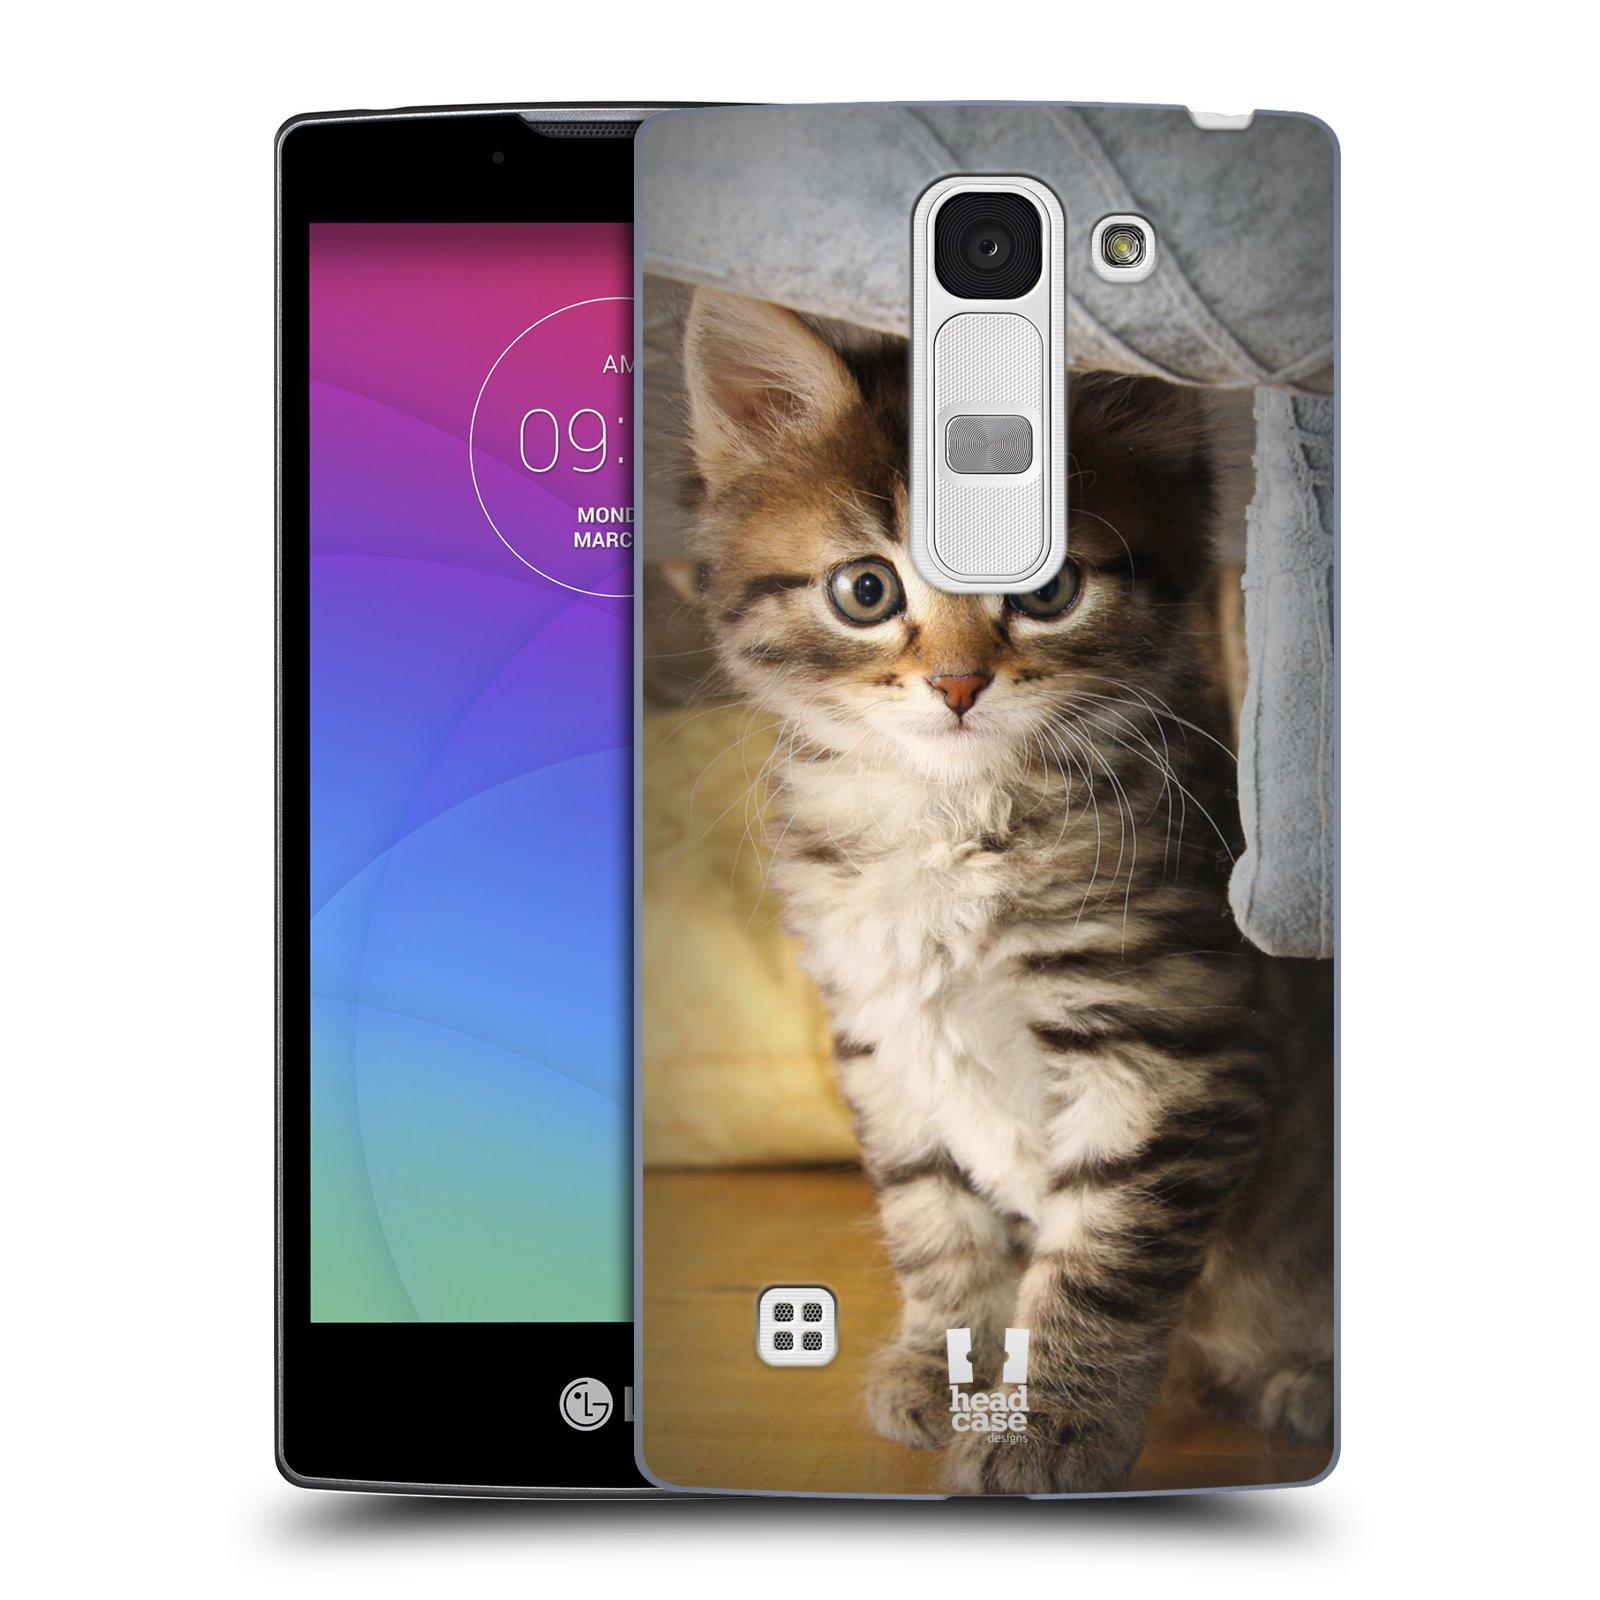 Plastové pouzdro na mobil LG Spirit LTE HEAD CASE ZVÍDAVÉ KOTĚ (Kryt či obal na mobilní telefon LG Spirit H420 a LG Spirit LTE H440N)